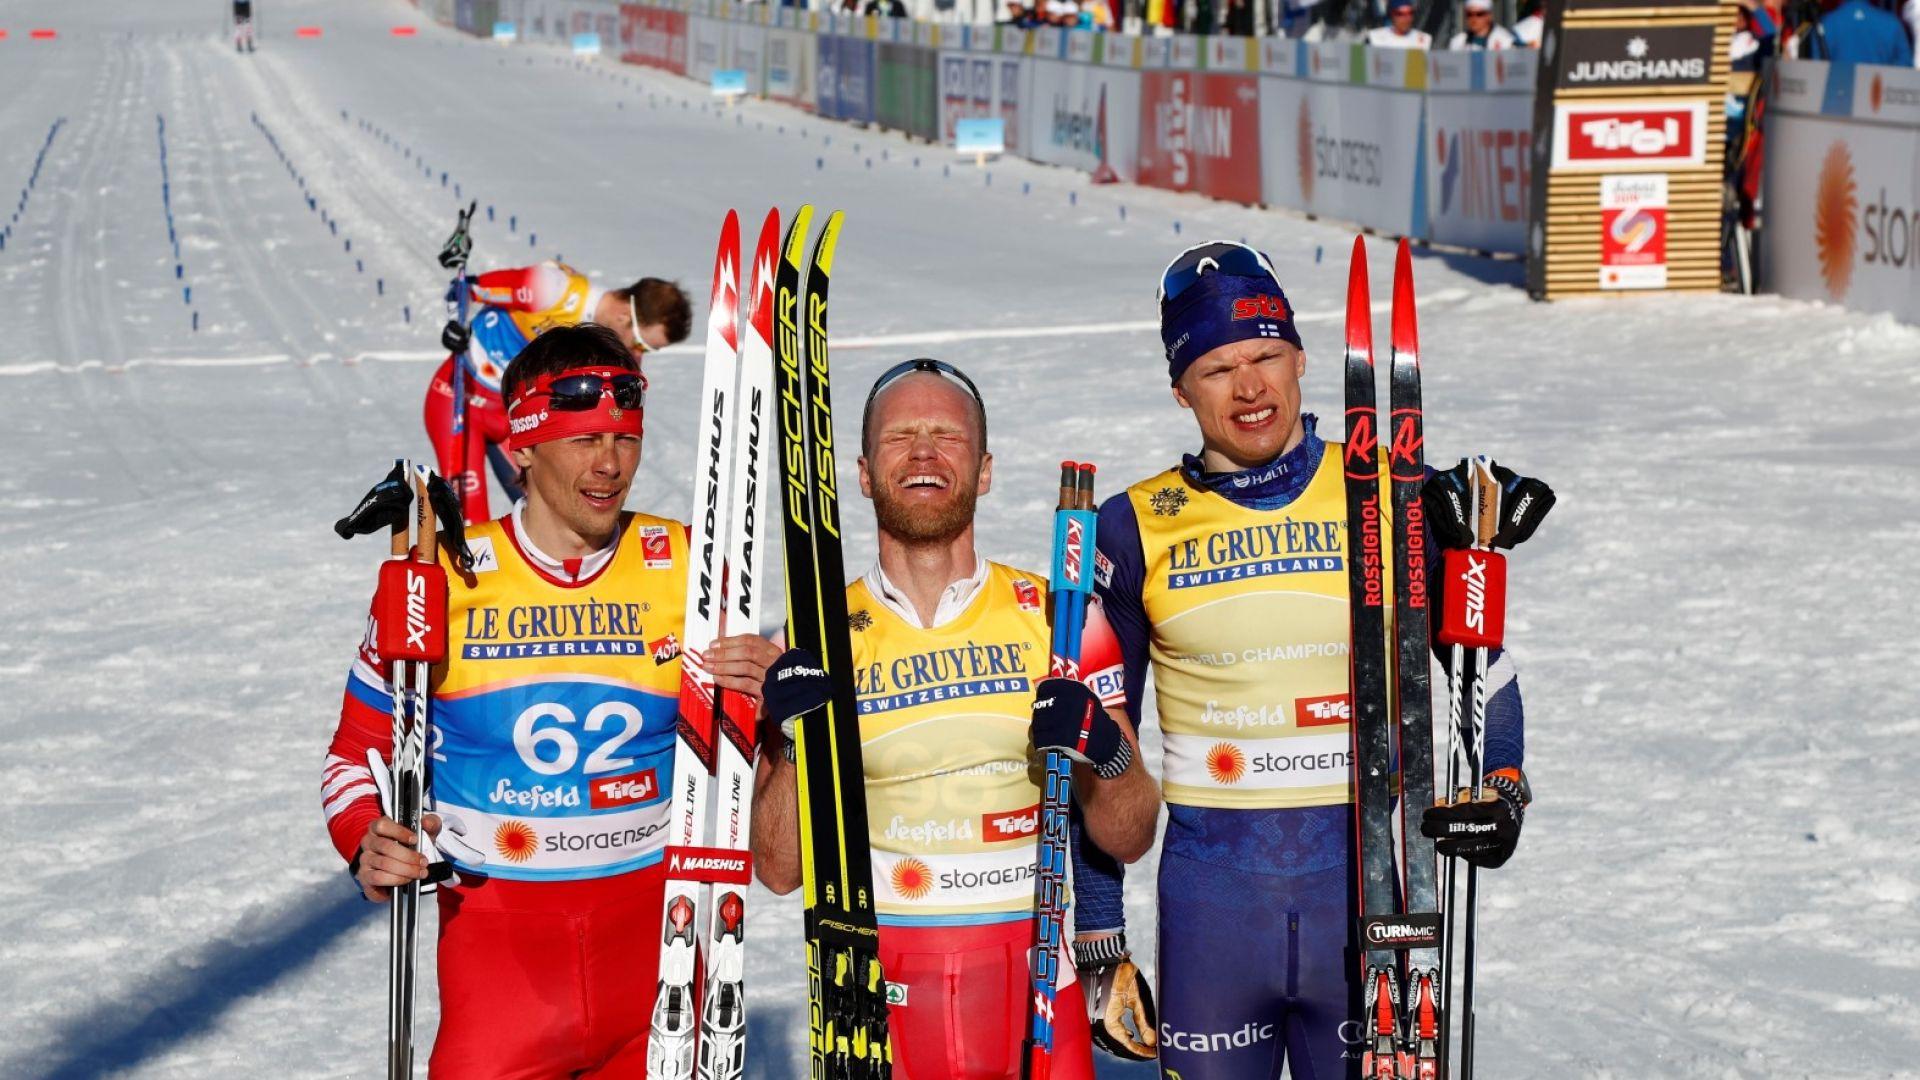 Българин завърши в топ 40 на световното по ски бягане